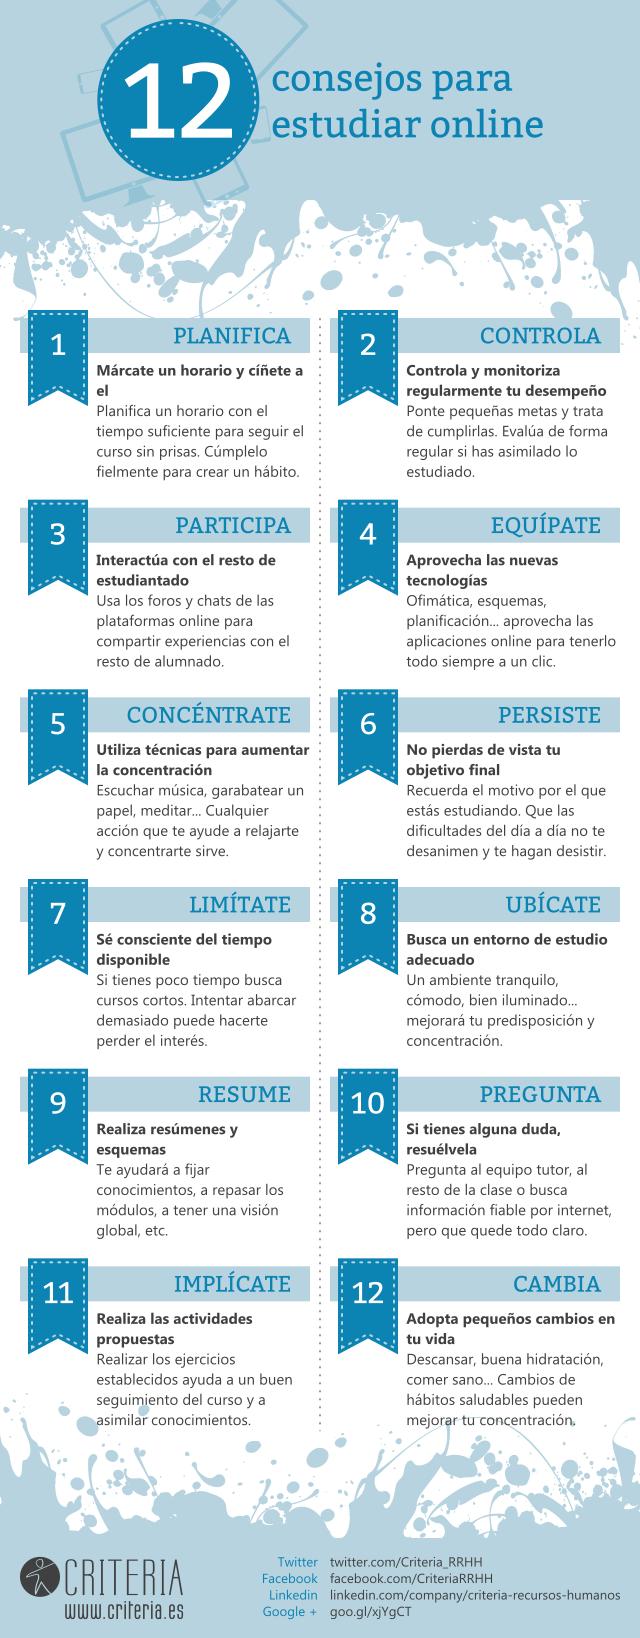 12 consejos para estudiar online